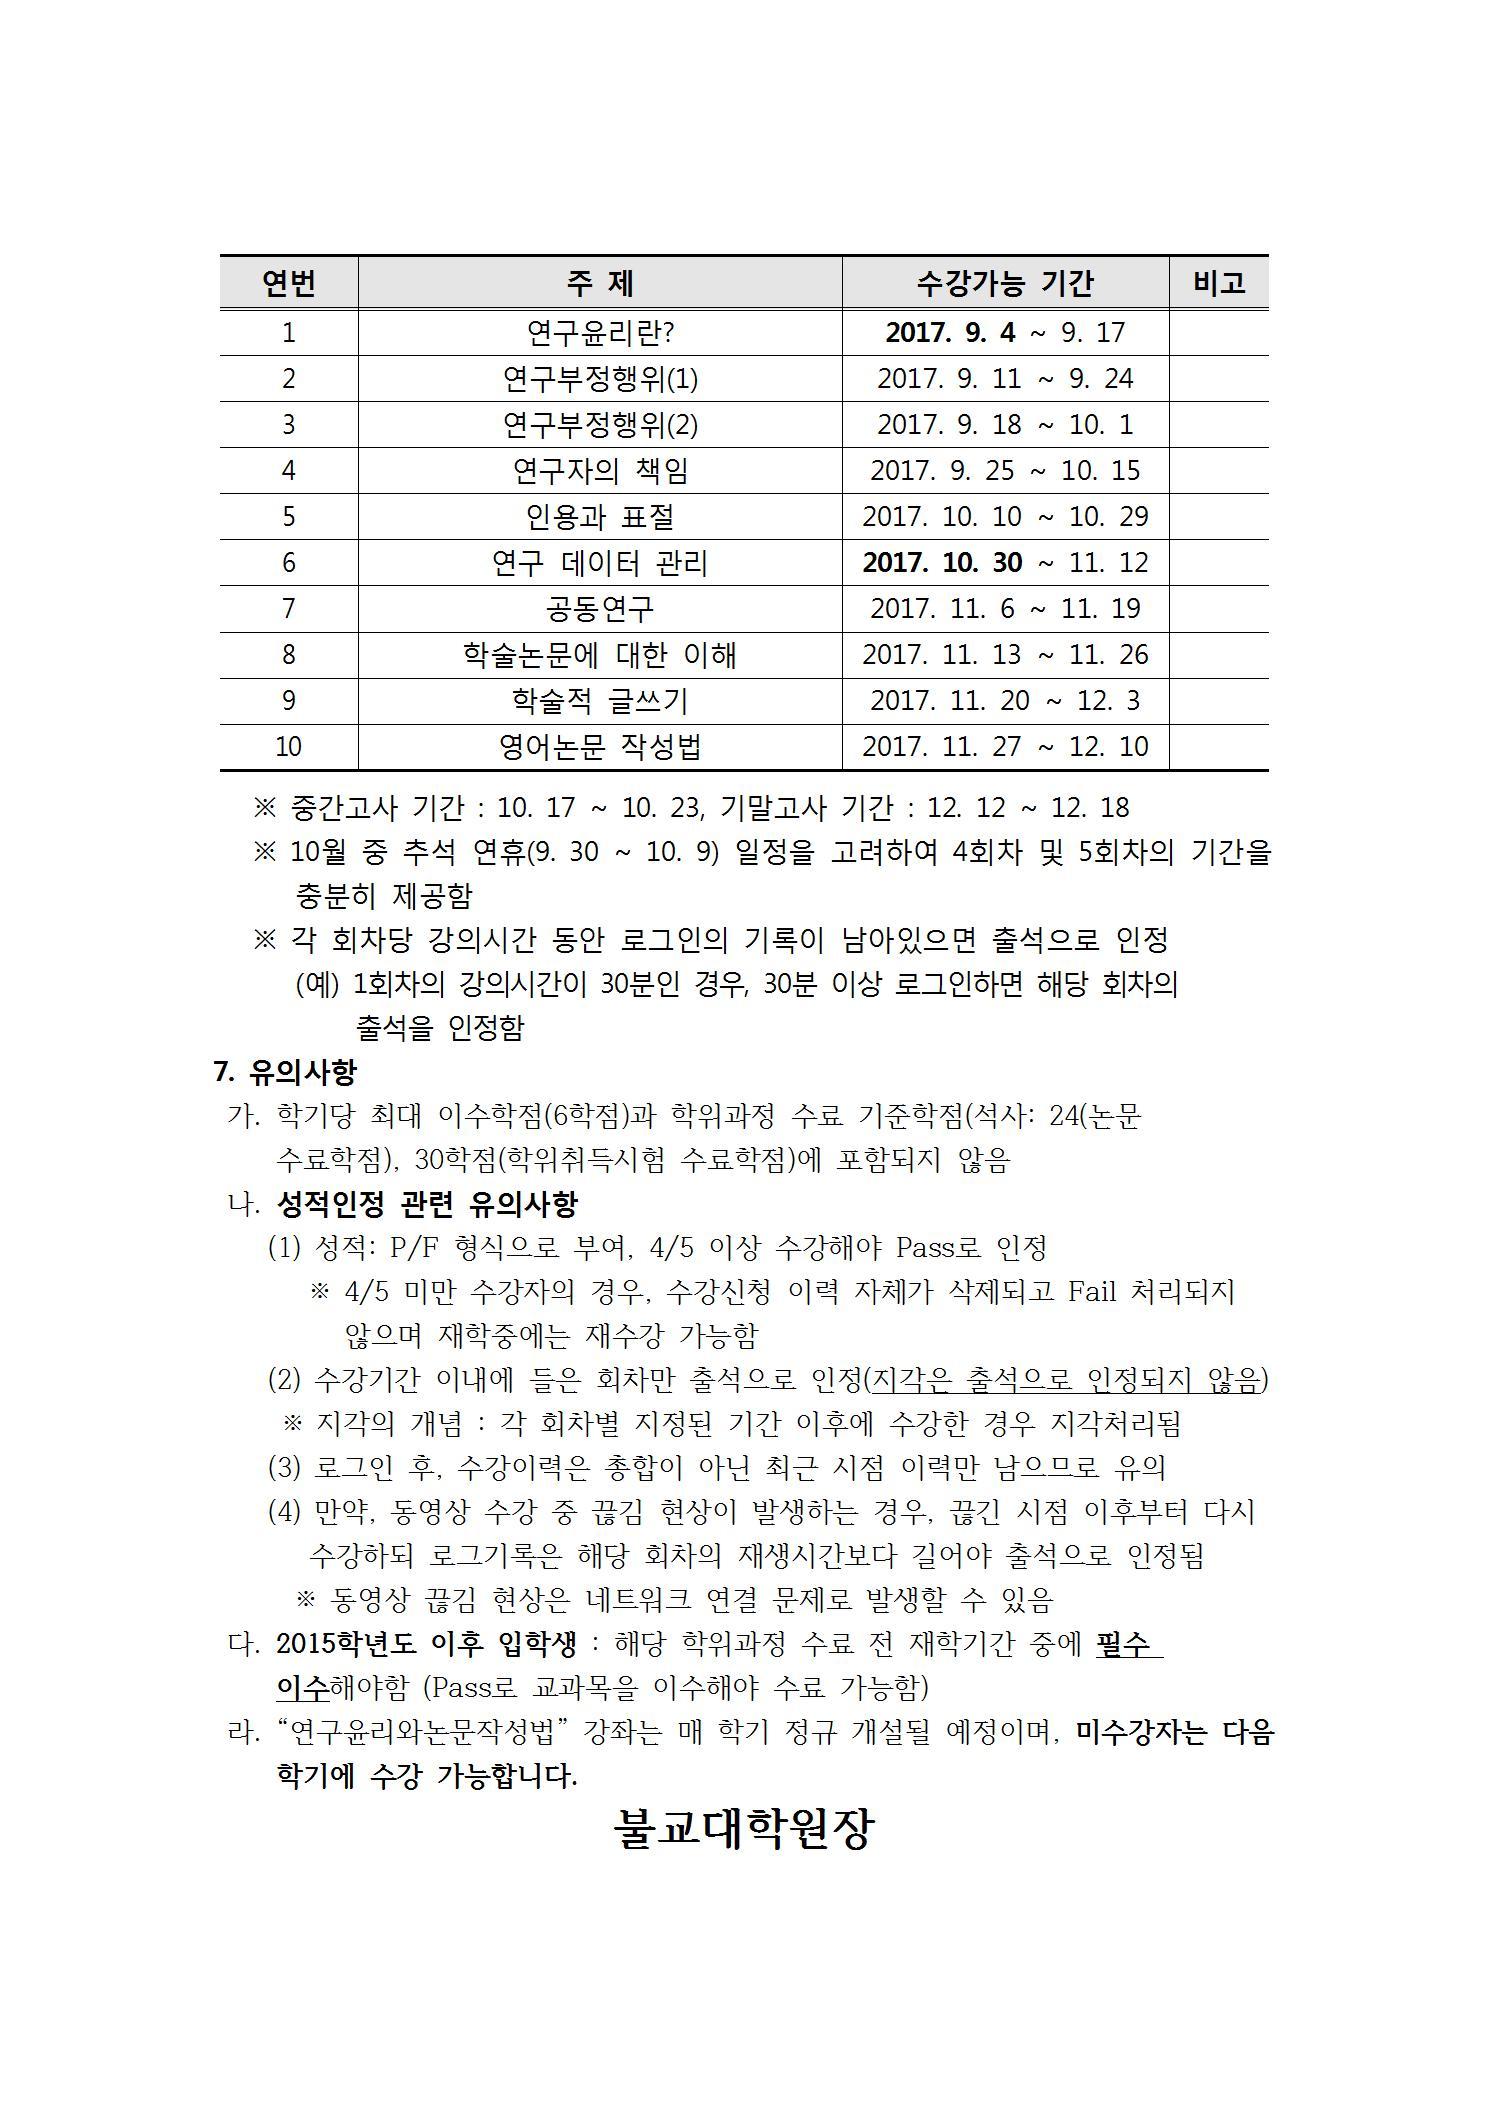 (첨부1) 2017학년도 2학기 '연구윤리와 논문 작성법' 수강 안내002